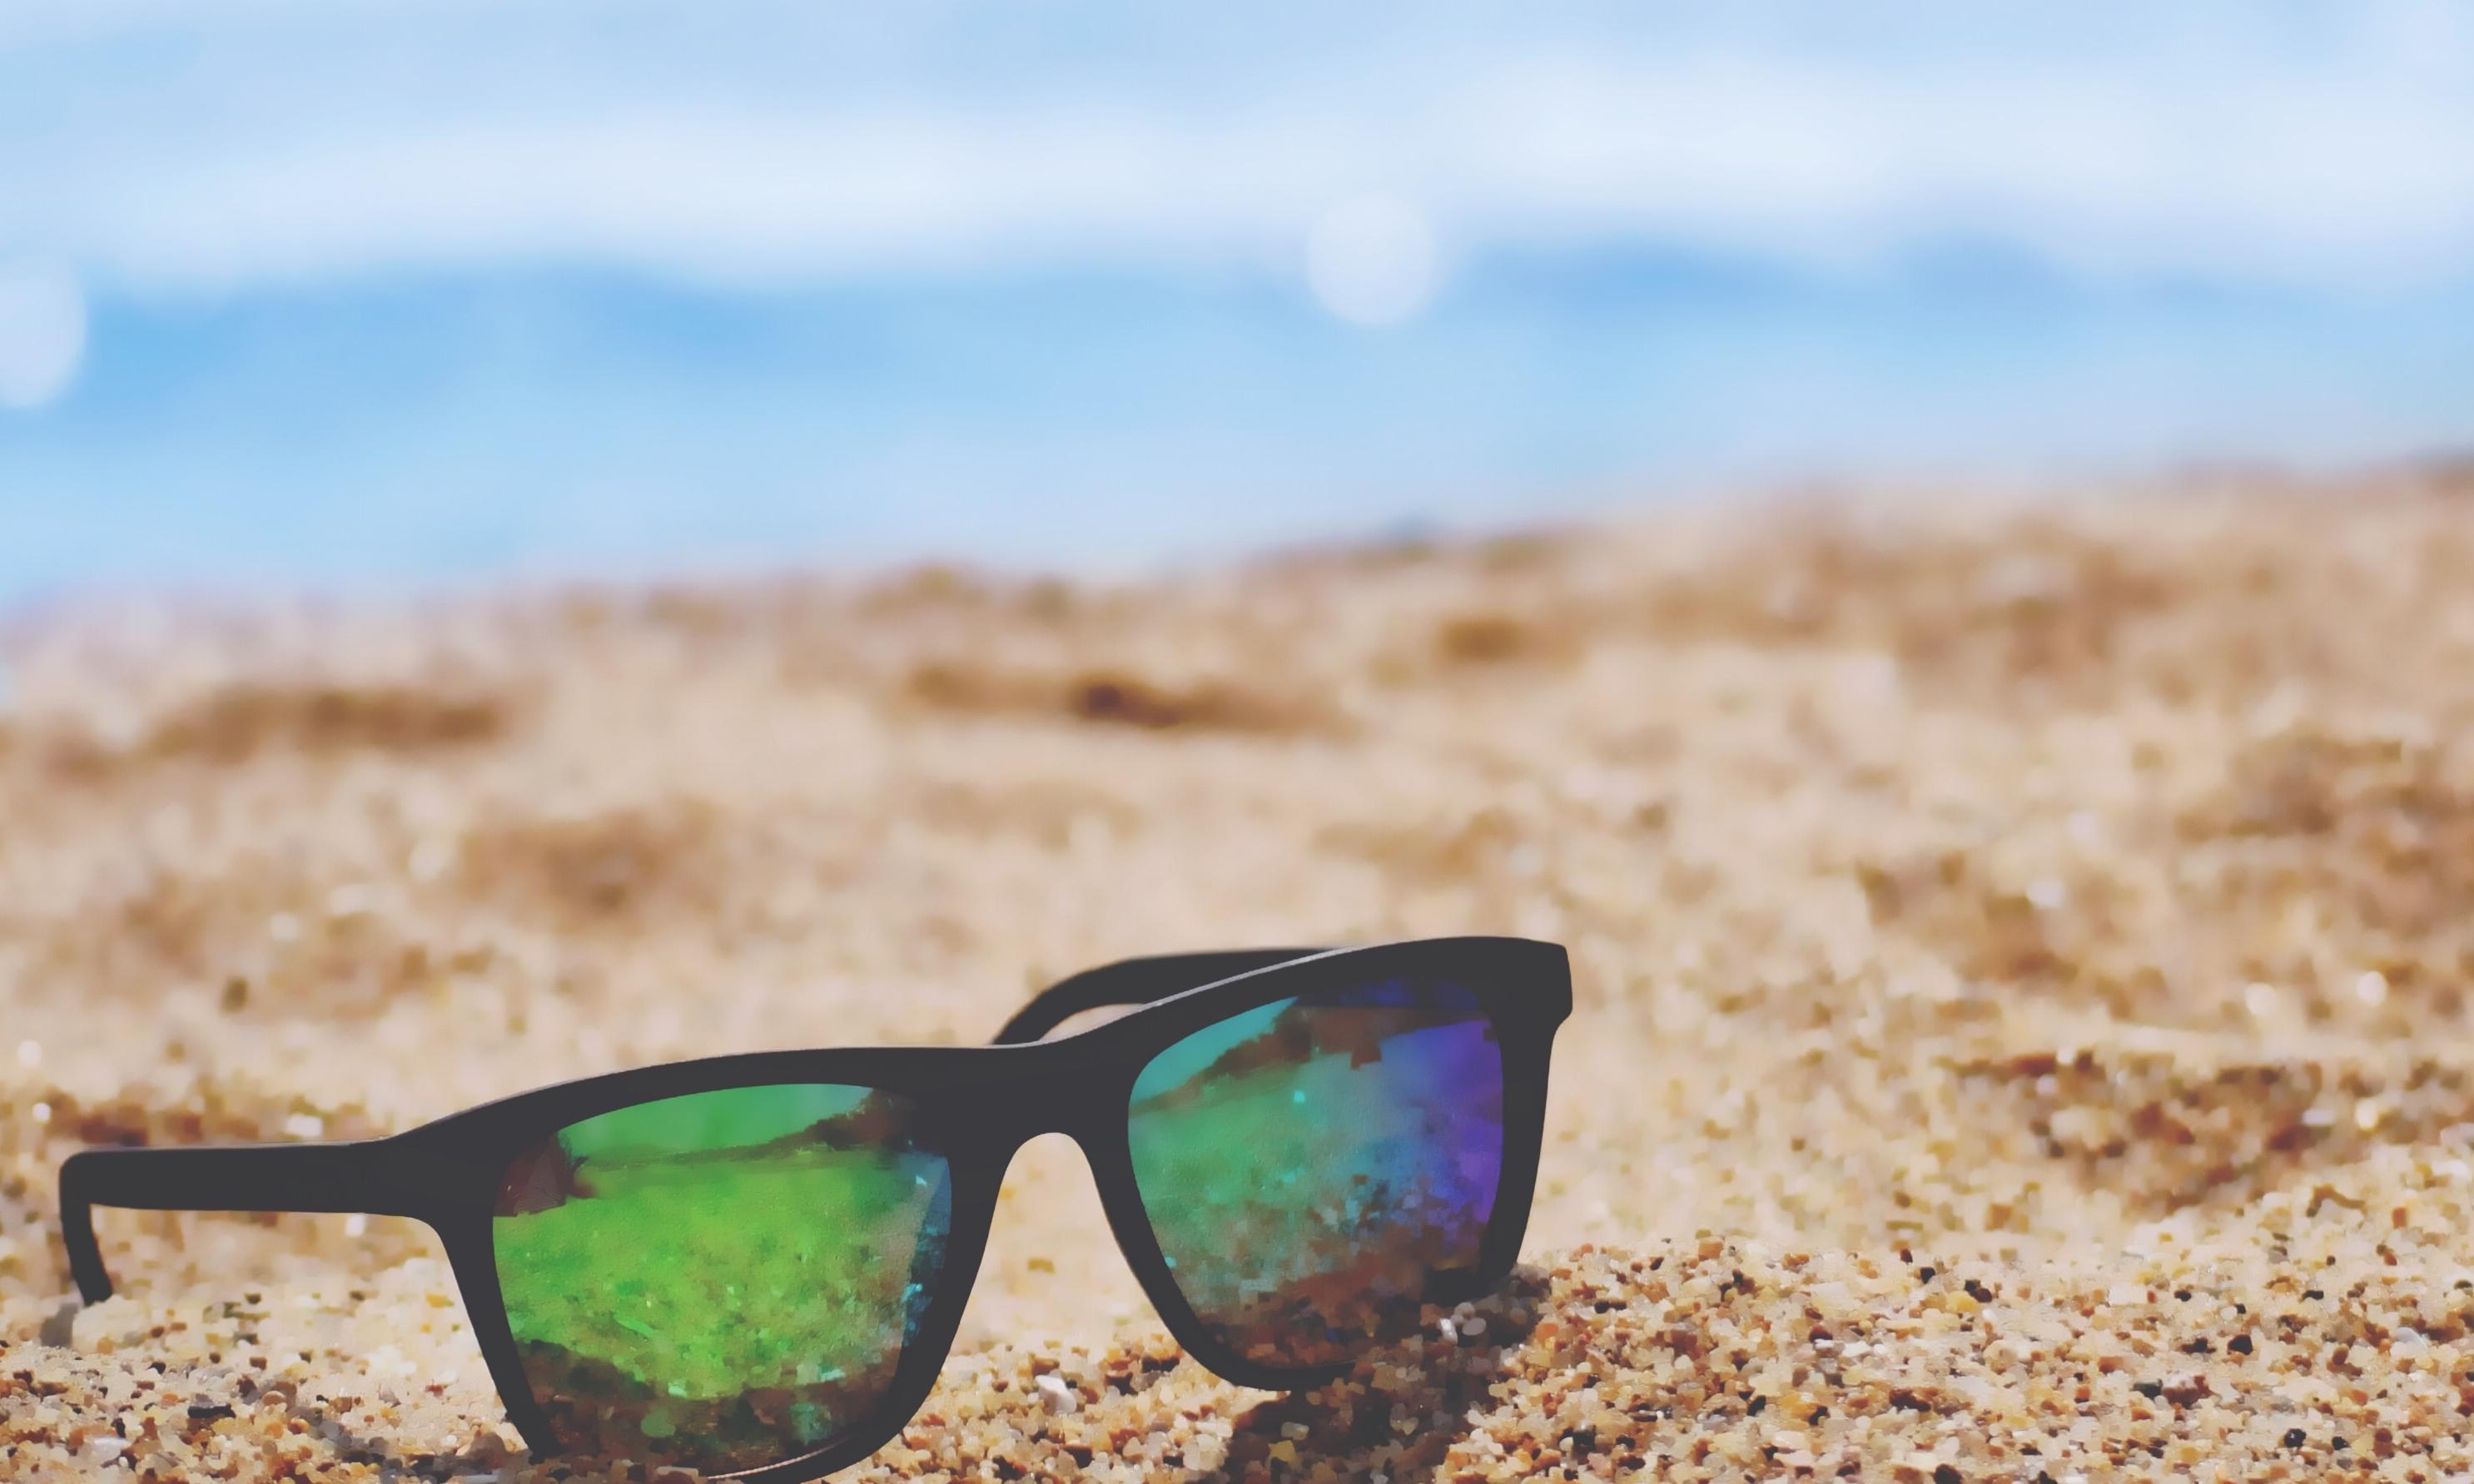 Badeurlaub mit einem Perfektionisten | story.one